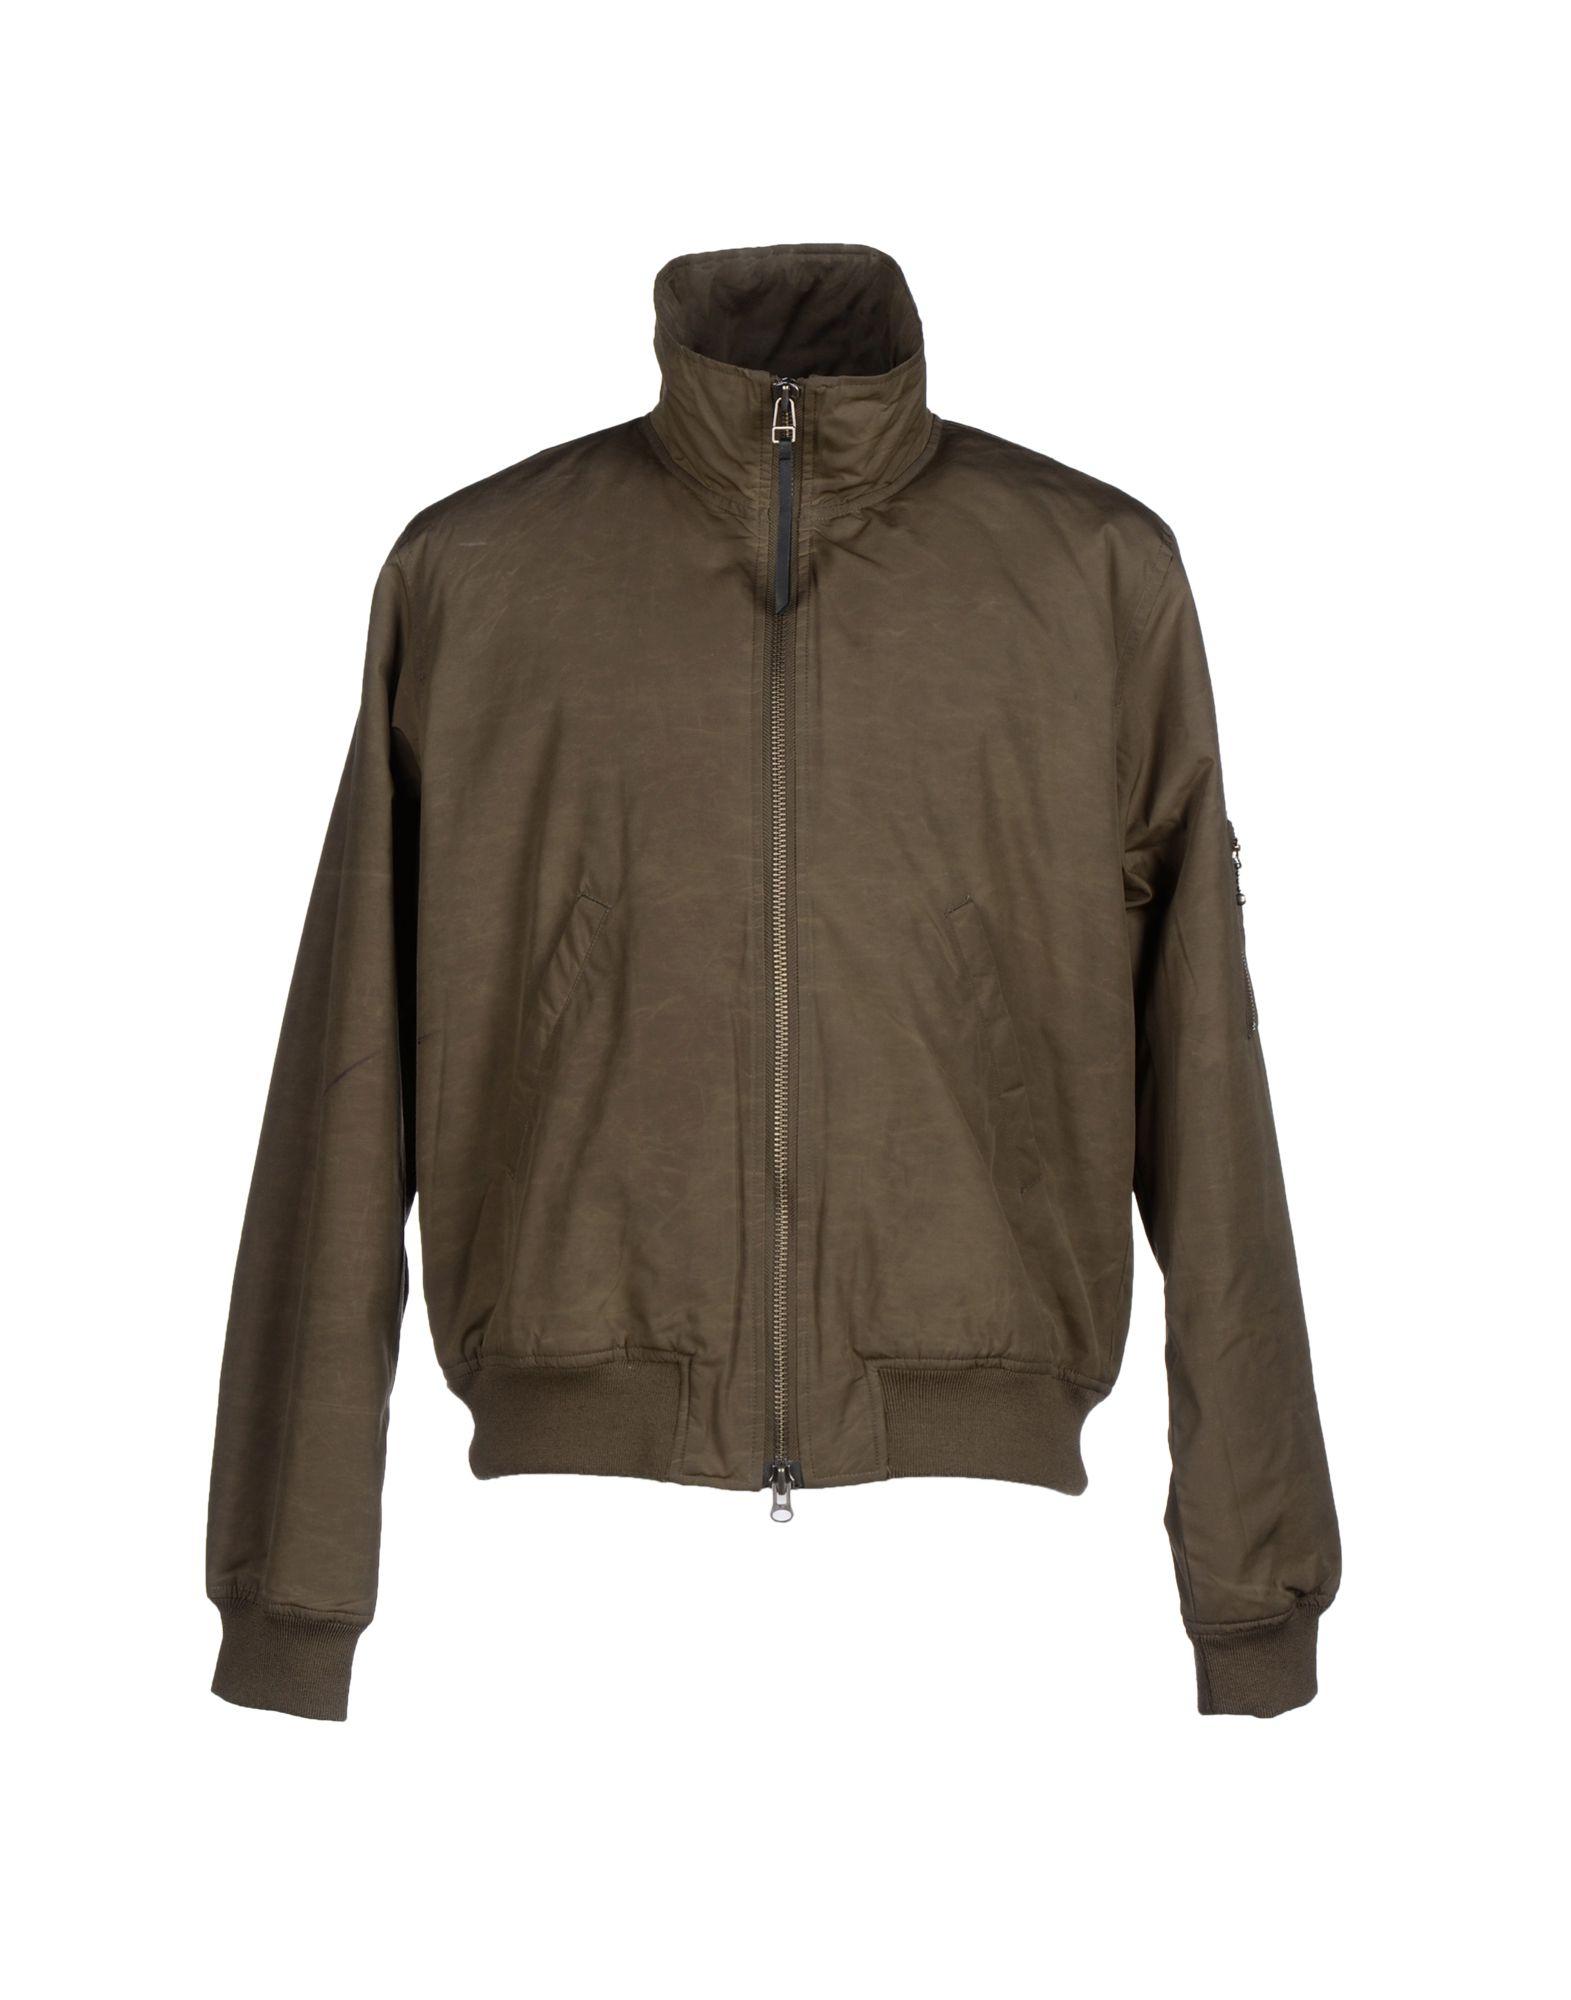 TIGER OF SWEDEN Herren Jacke Farbe Militärgrün Größe 6